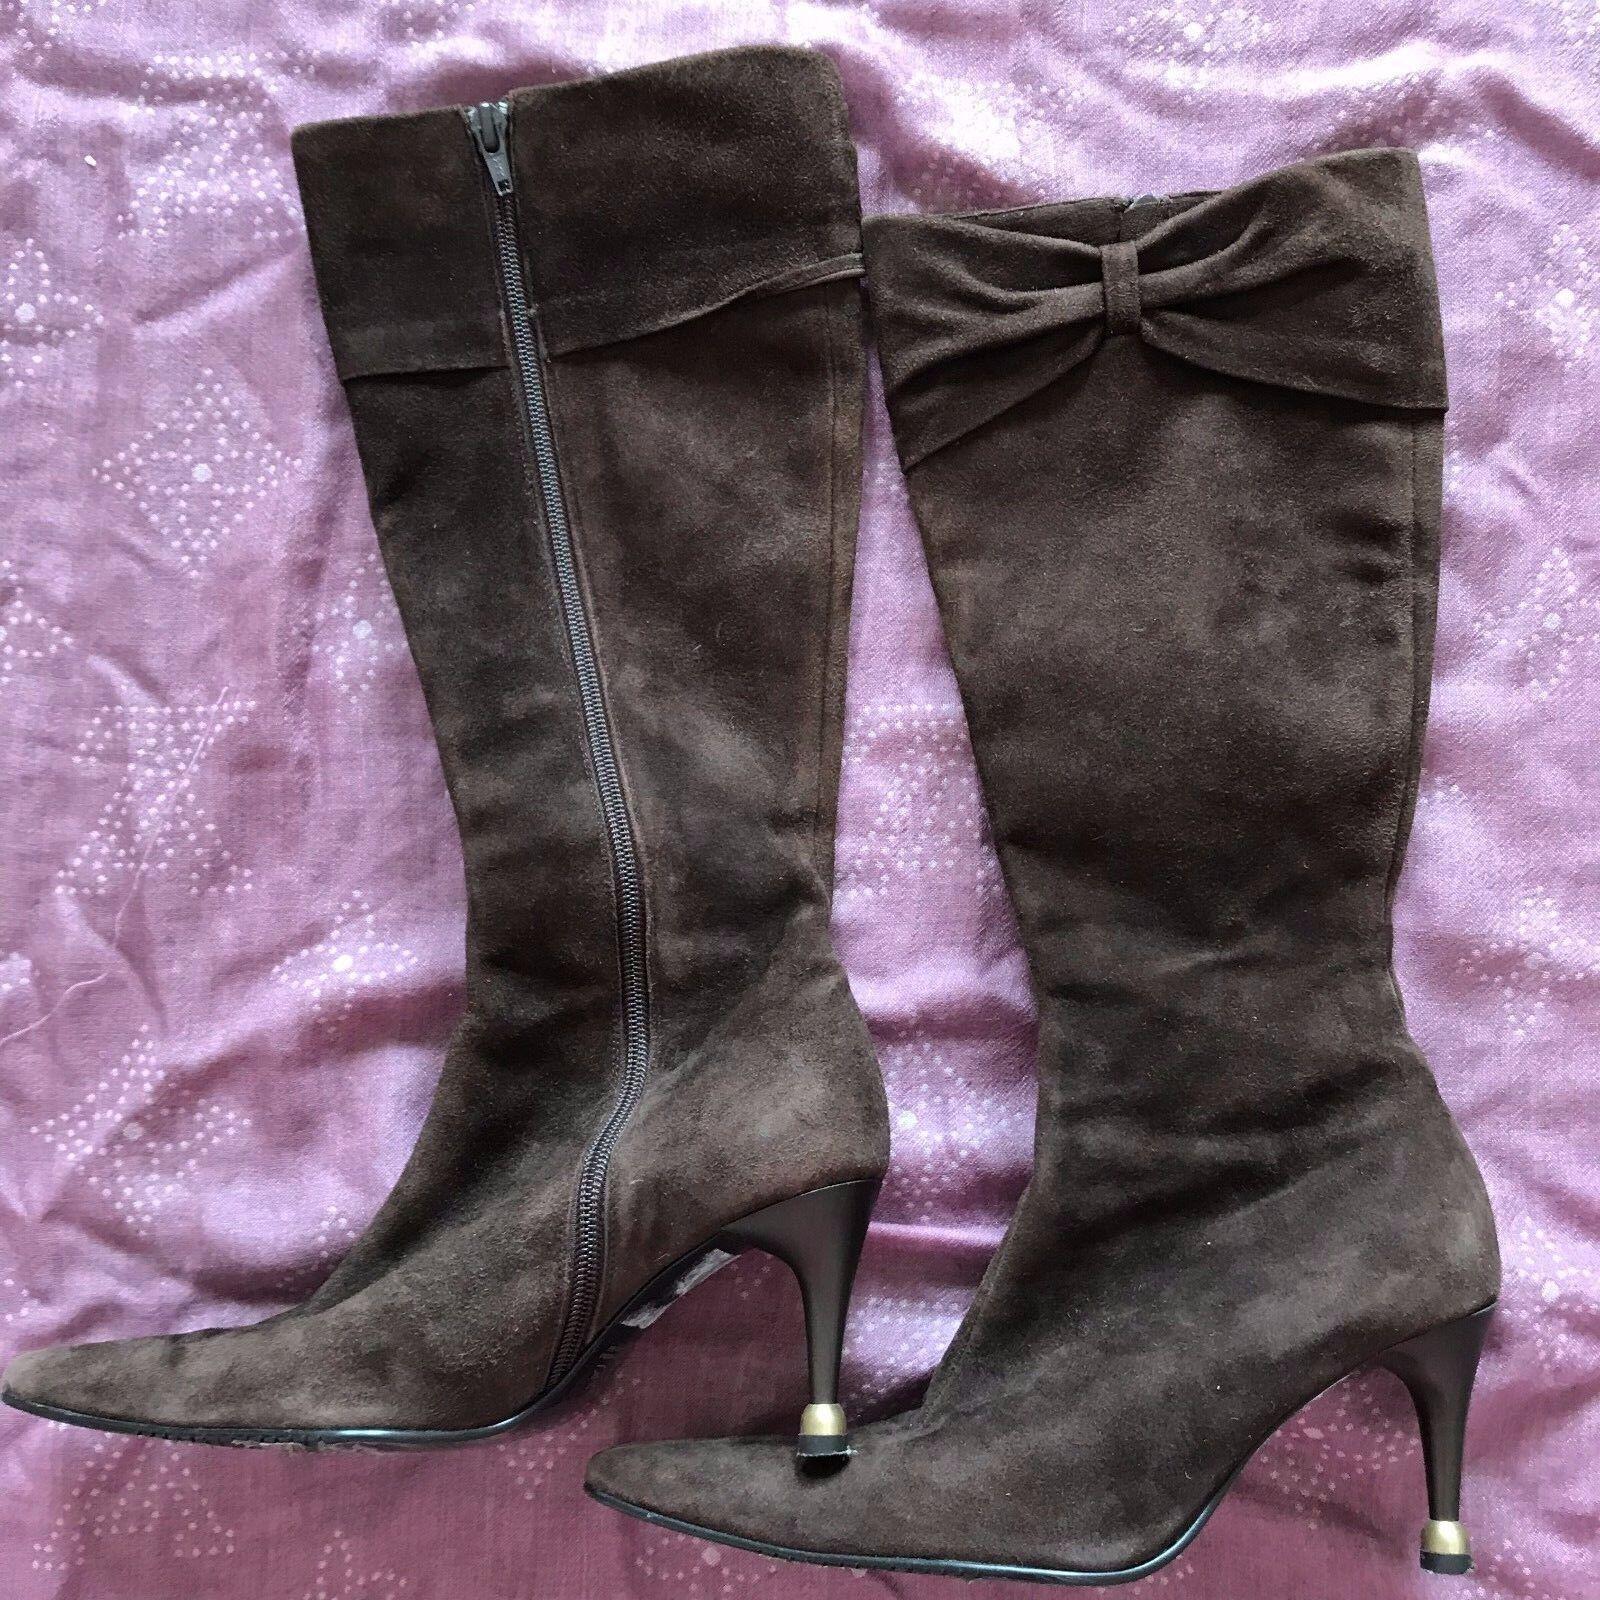 Australia vago premium de gamuza cuero hasta la rodilla rodilla rodilla alta botas de Cremallera Arco Con Talón Zapato Insolia 2ac277